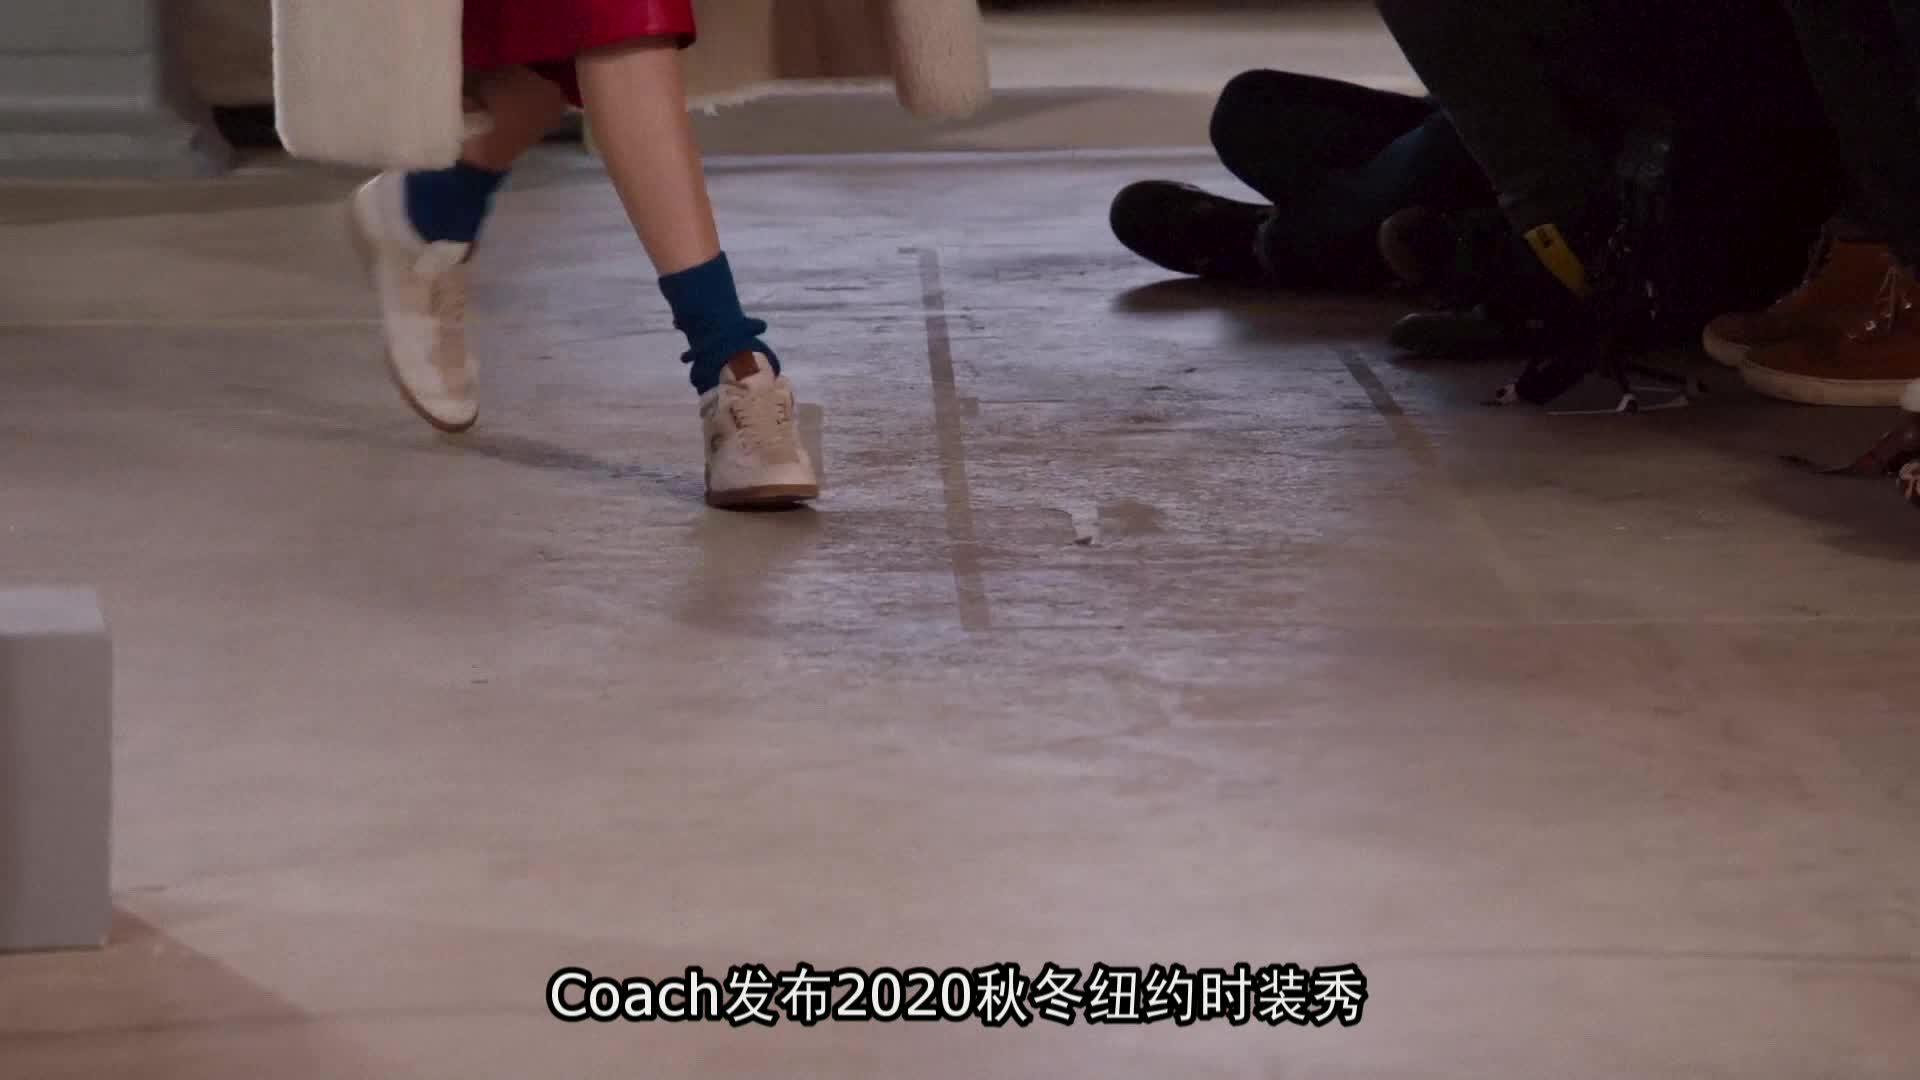 Coach 2020秋冬纽约时装秀